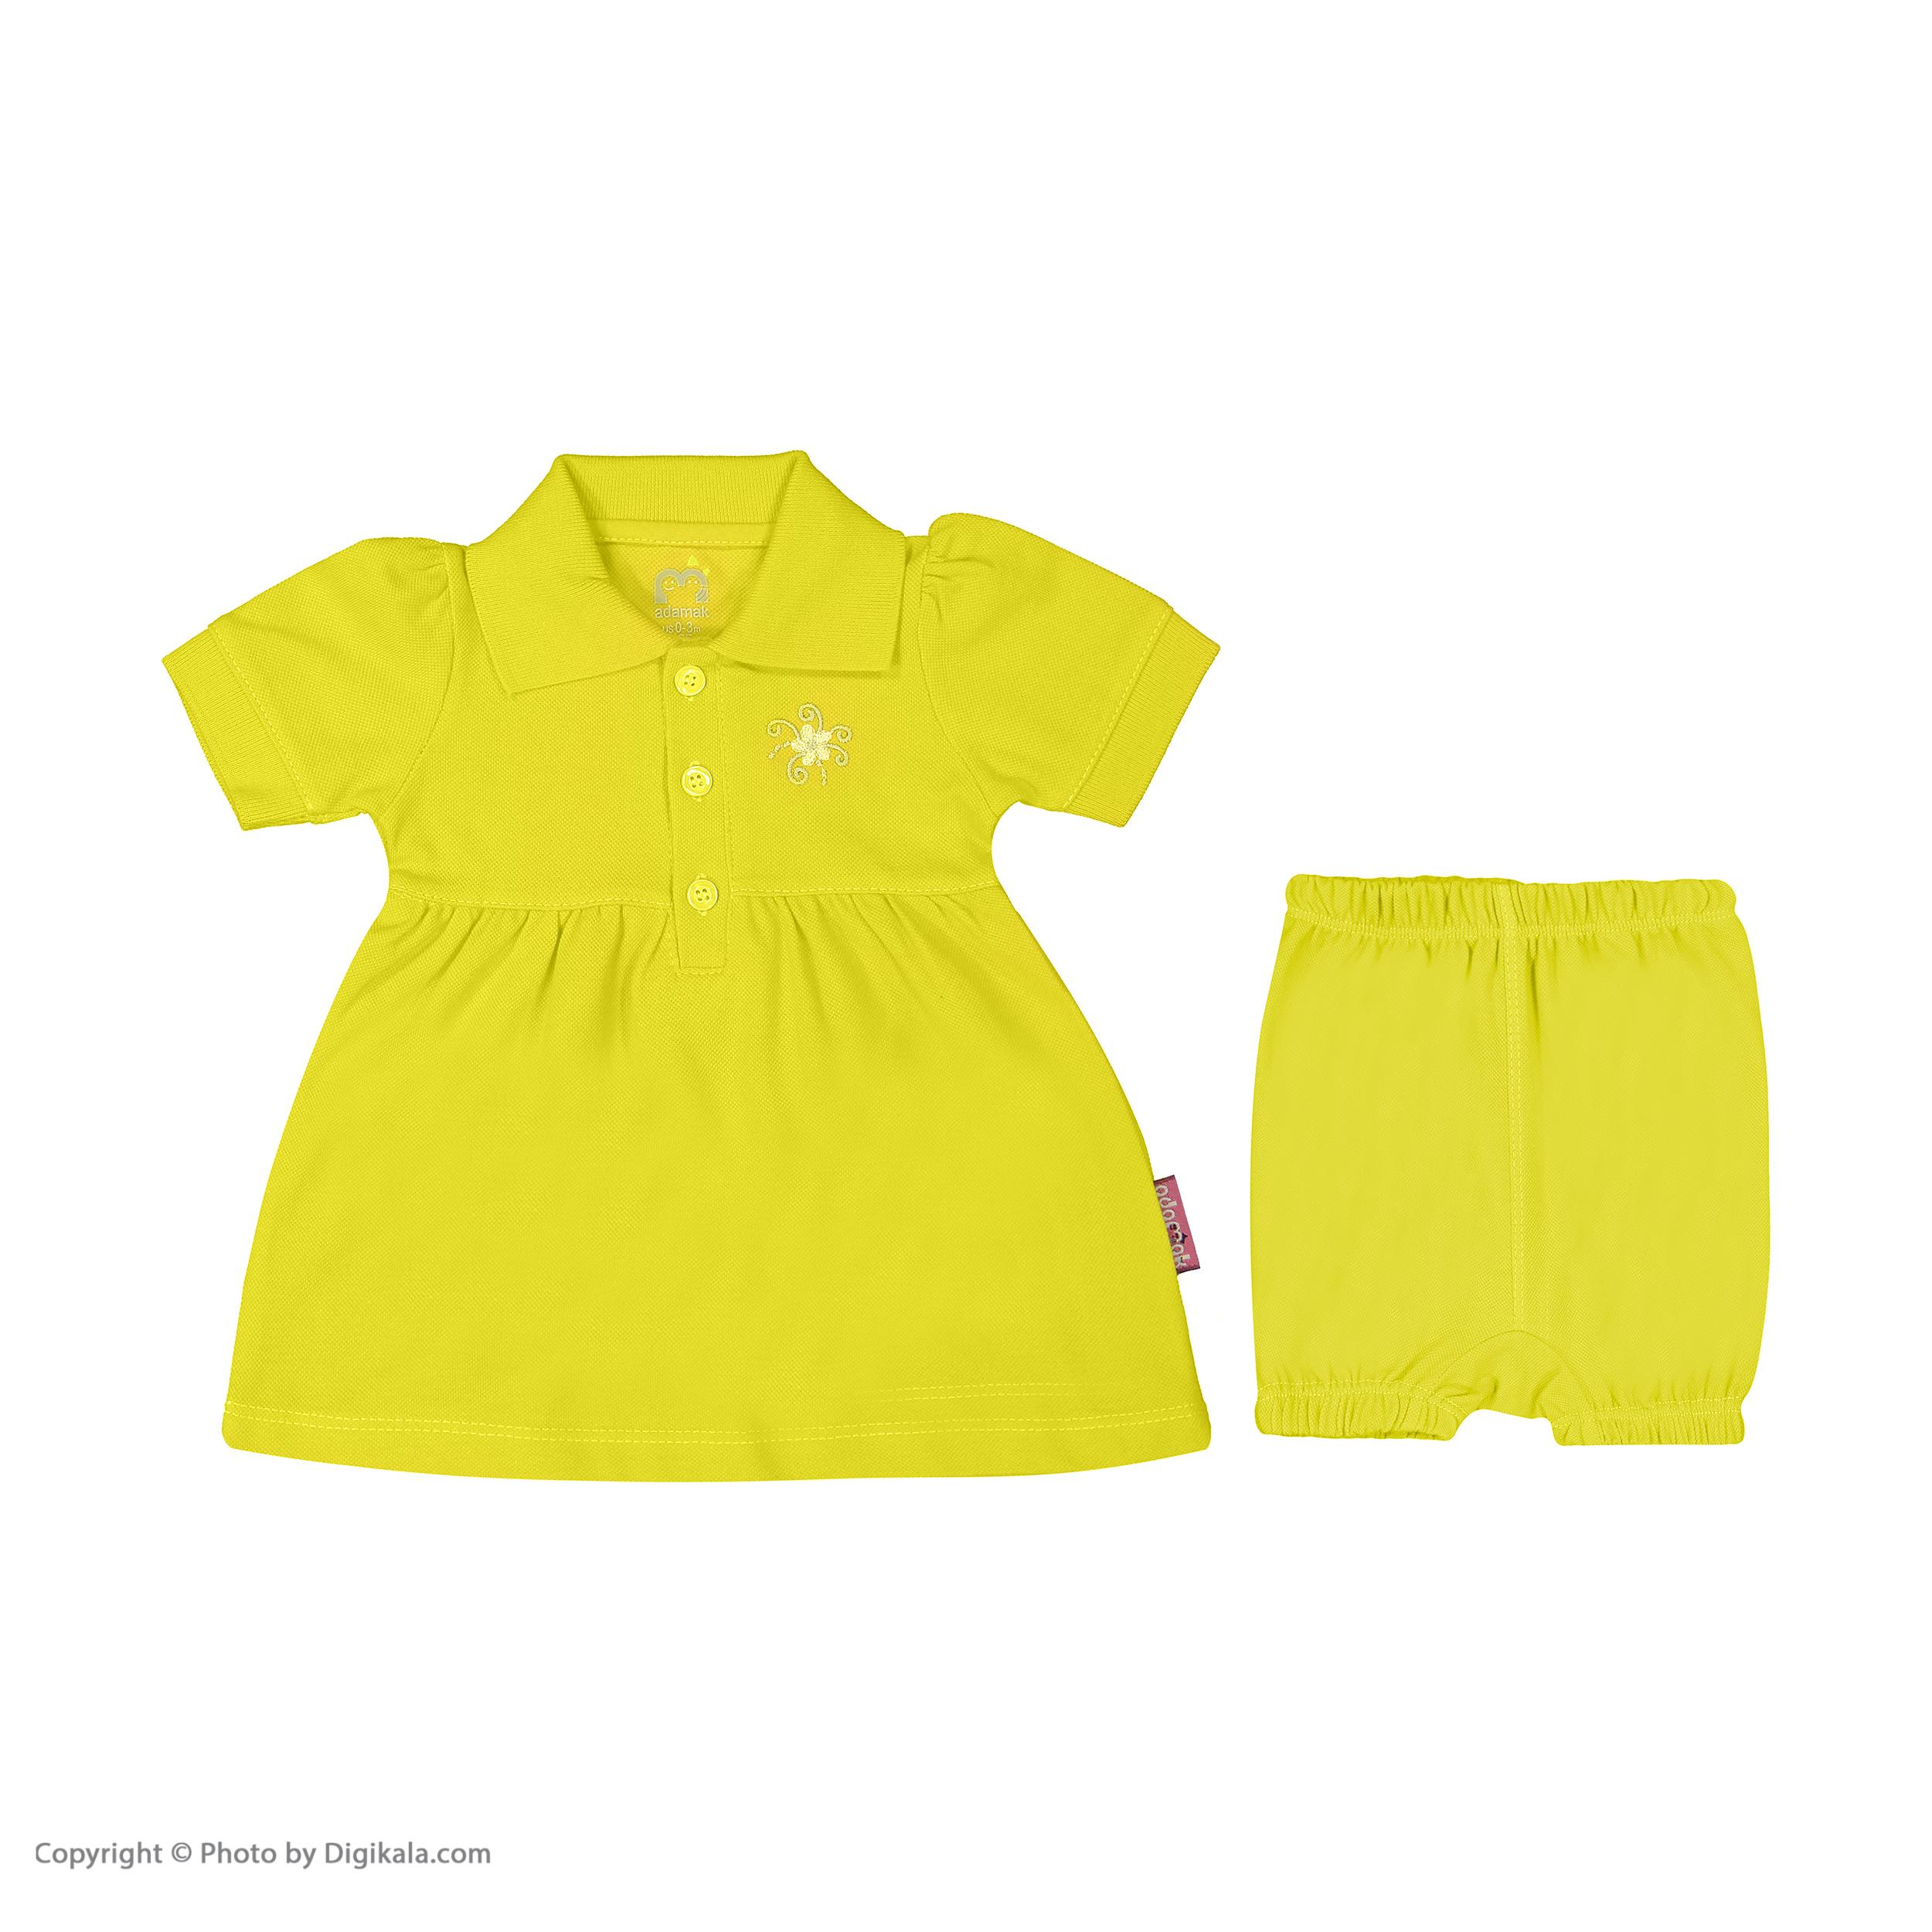 ست پیراهن و شلوارک نوزادی دخترانه آدمک مدل 2171109-19 -  - 3